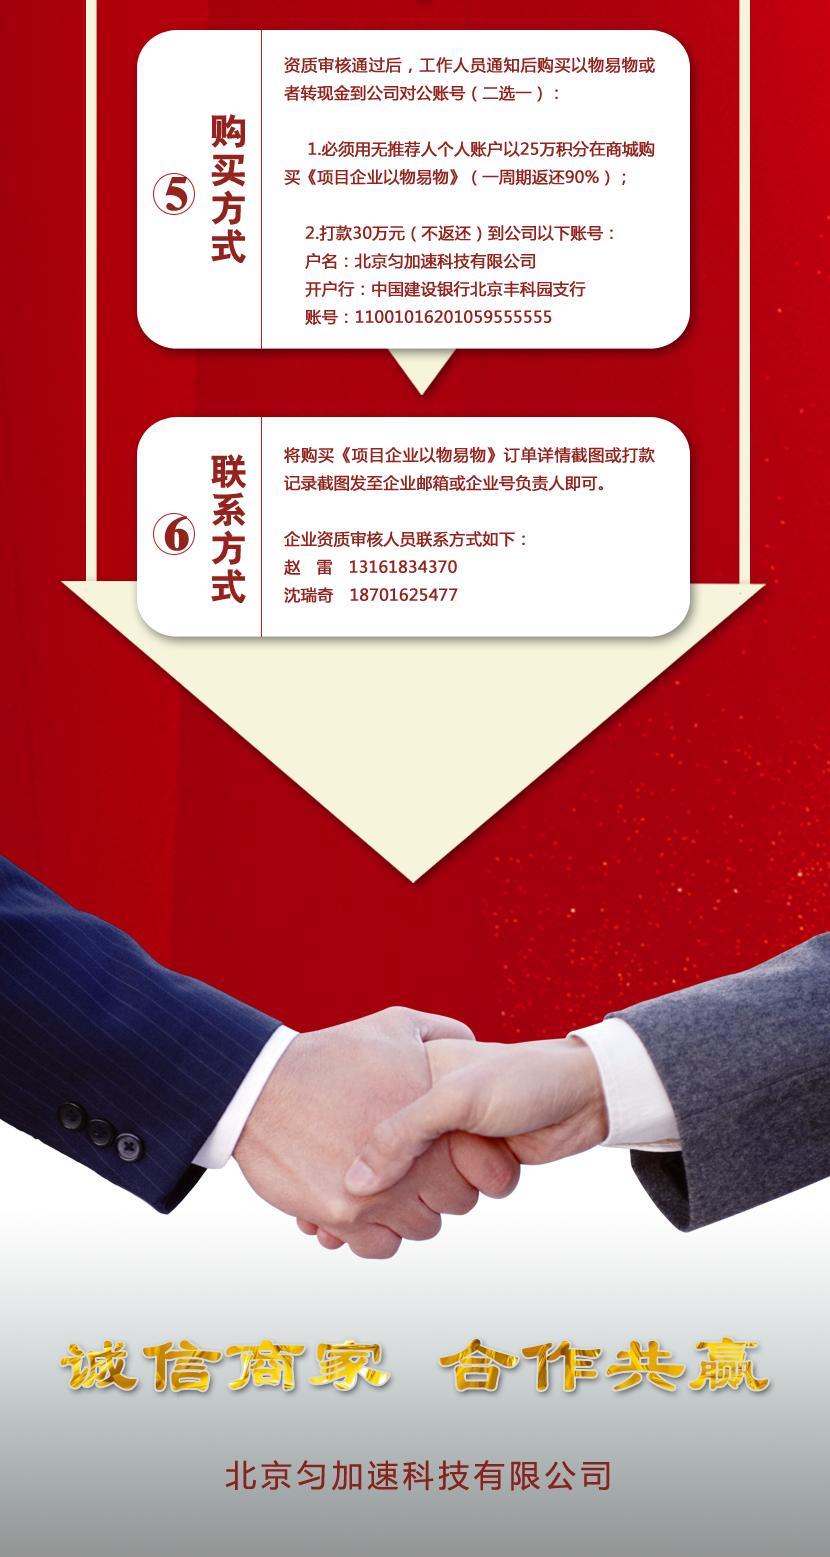 企业号申请流程_03.png